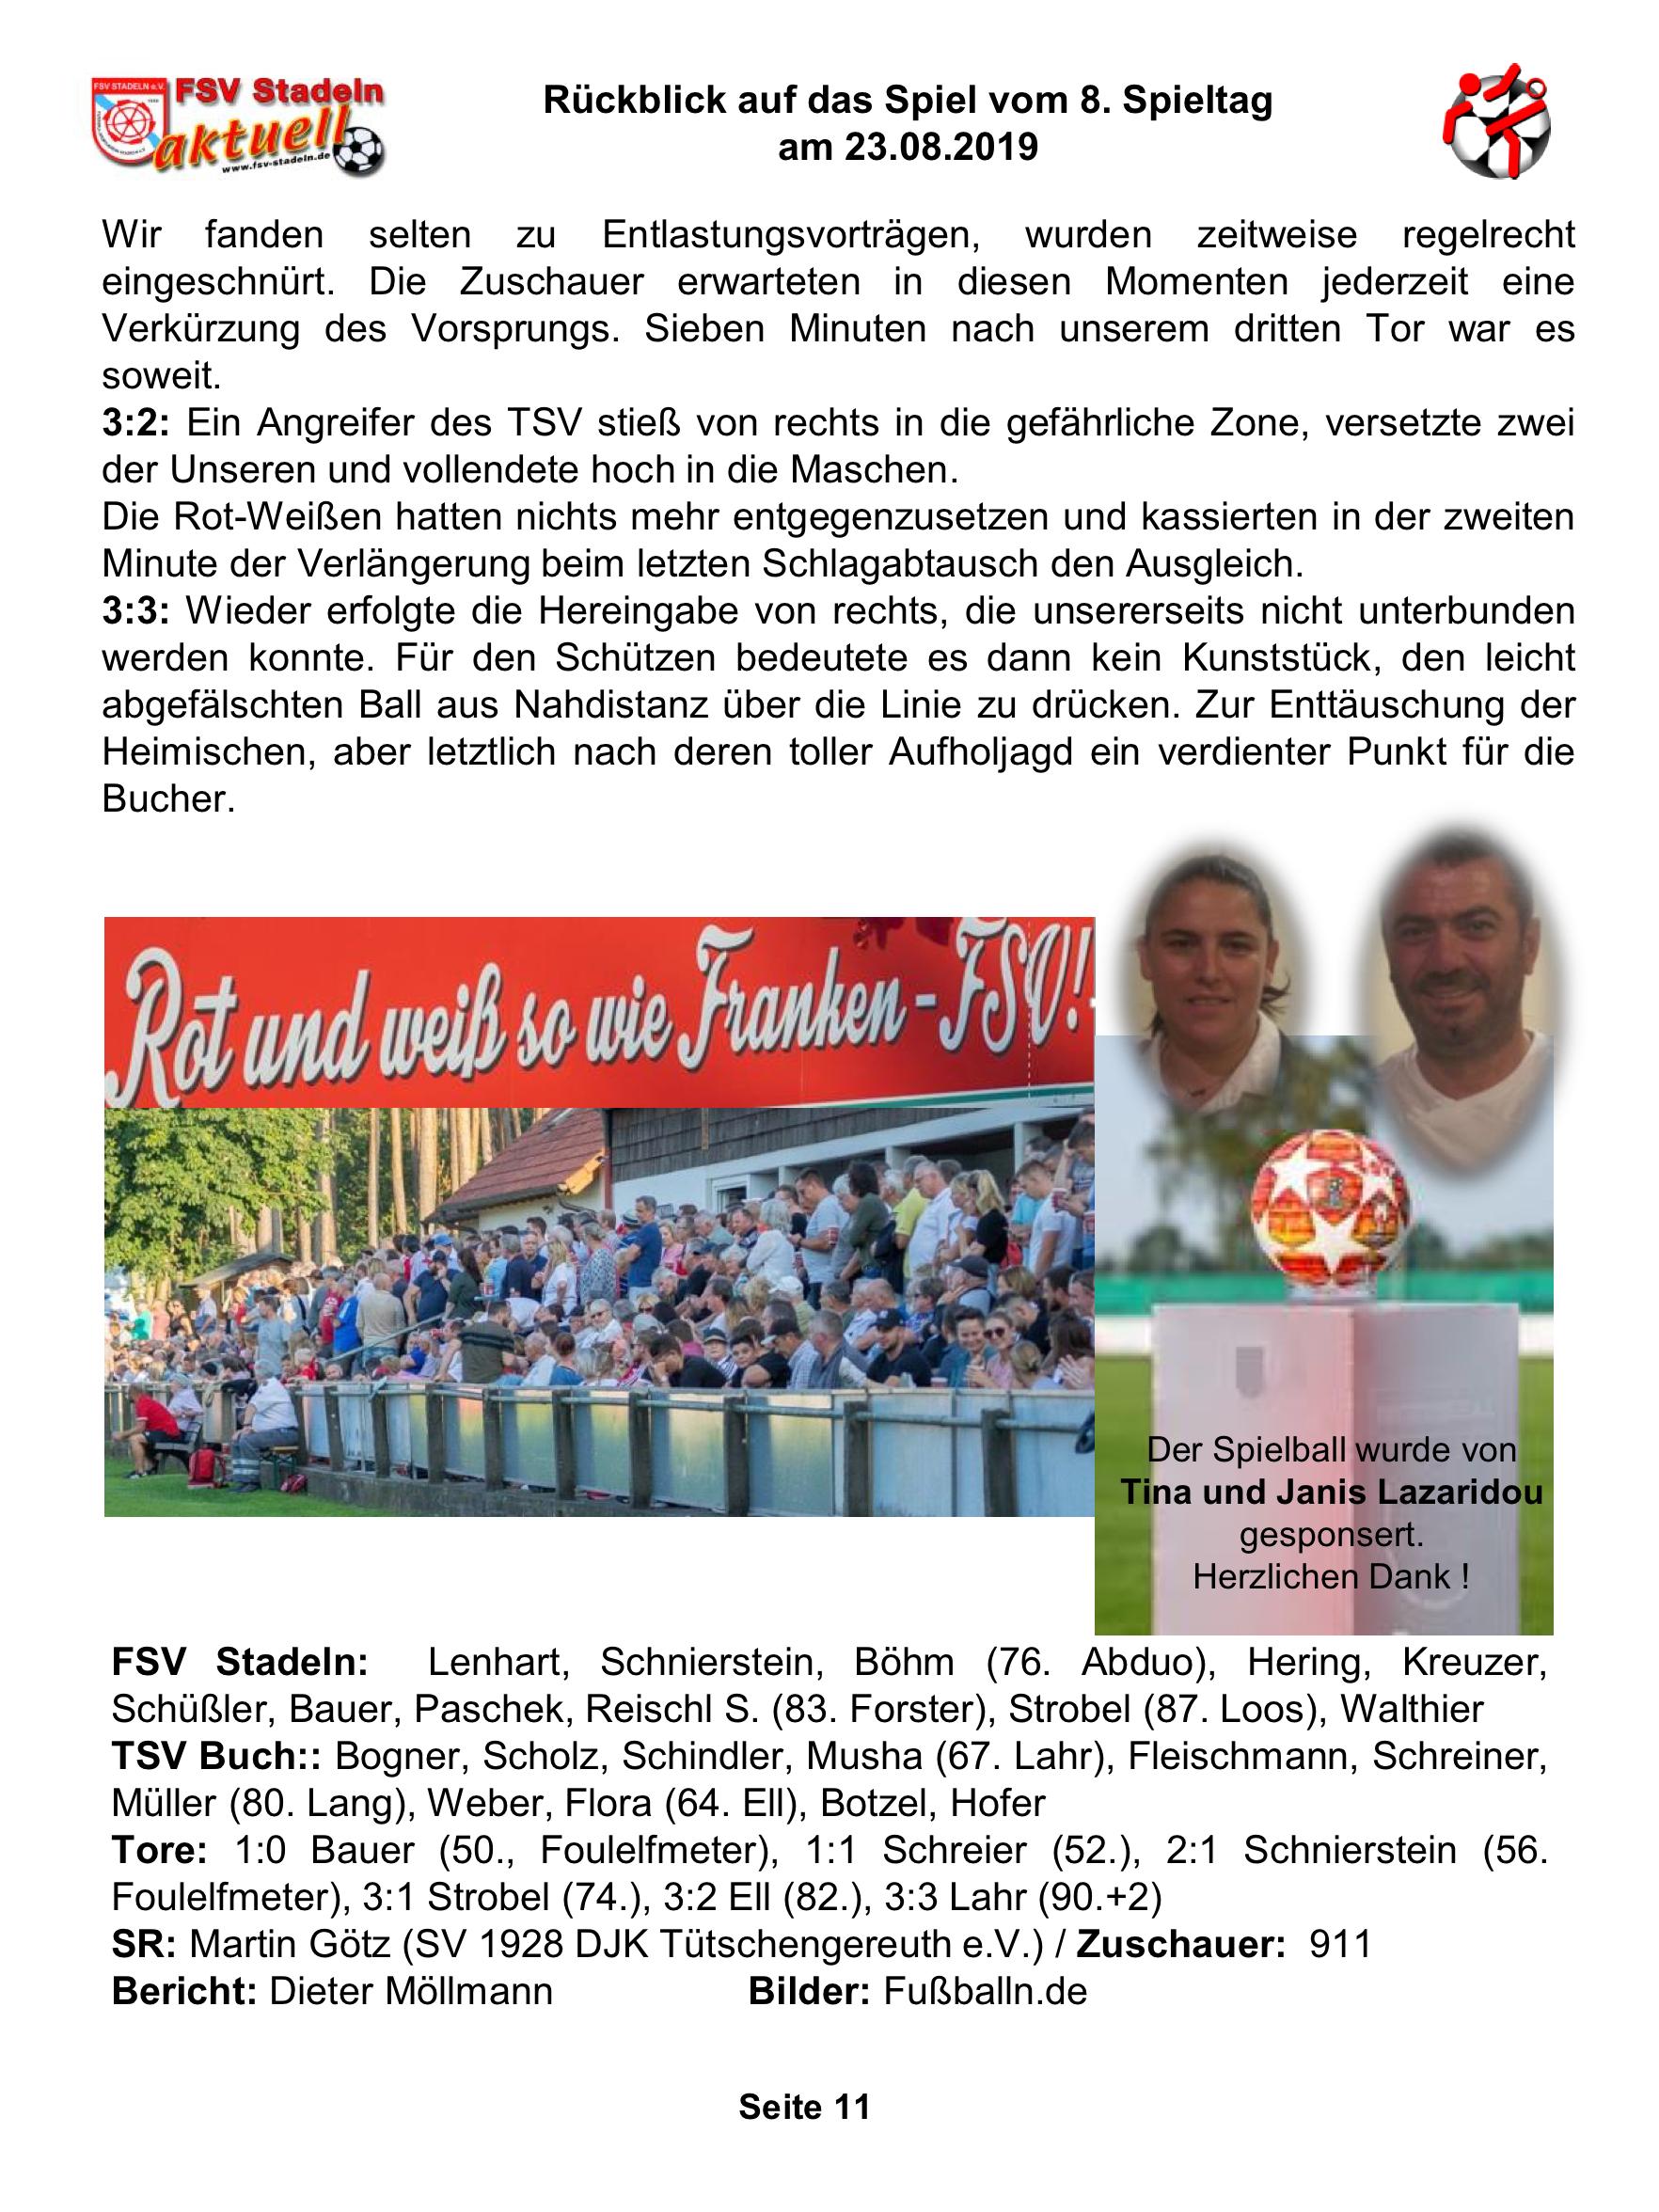 Grossschwarzenlohe-11.png